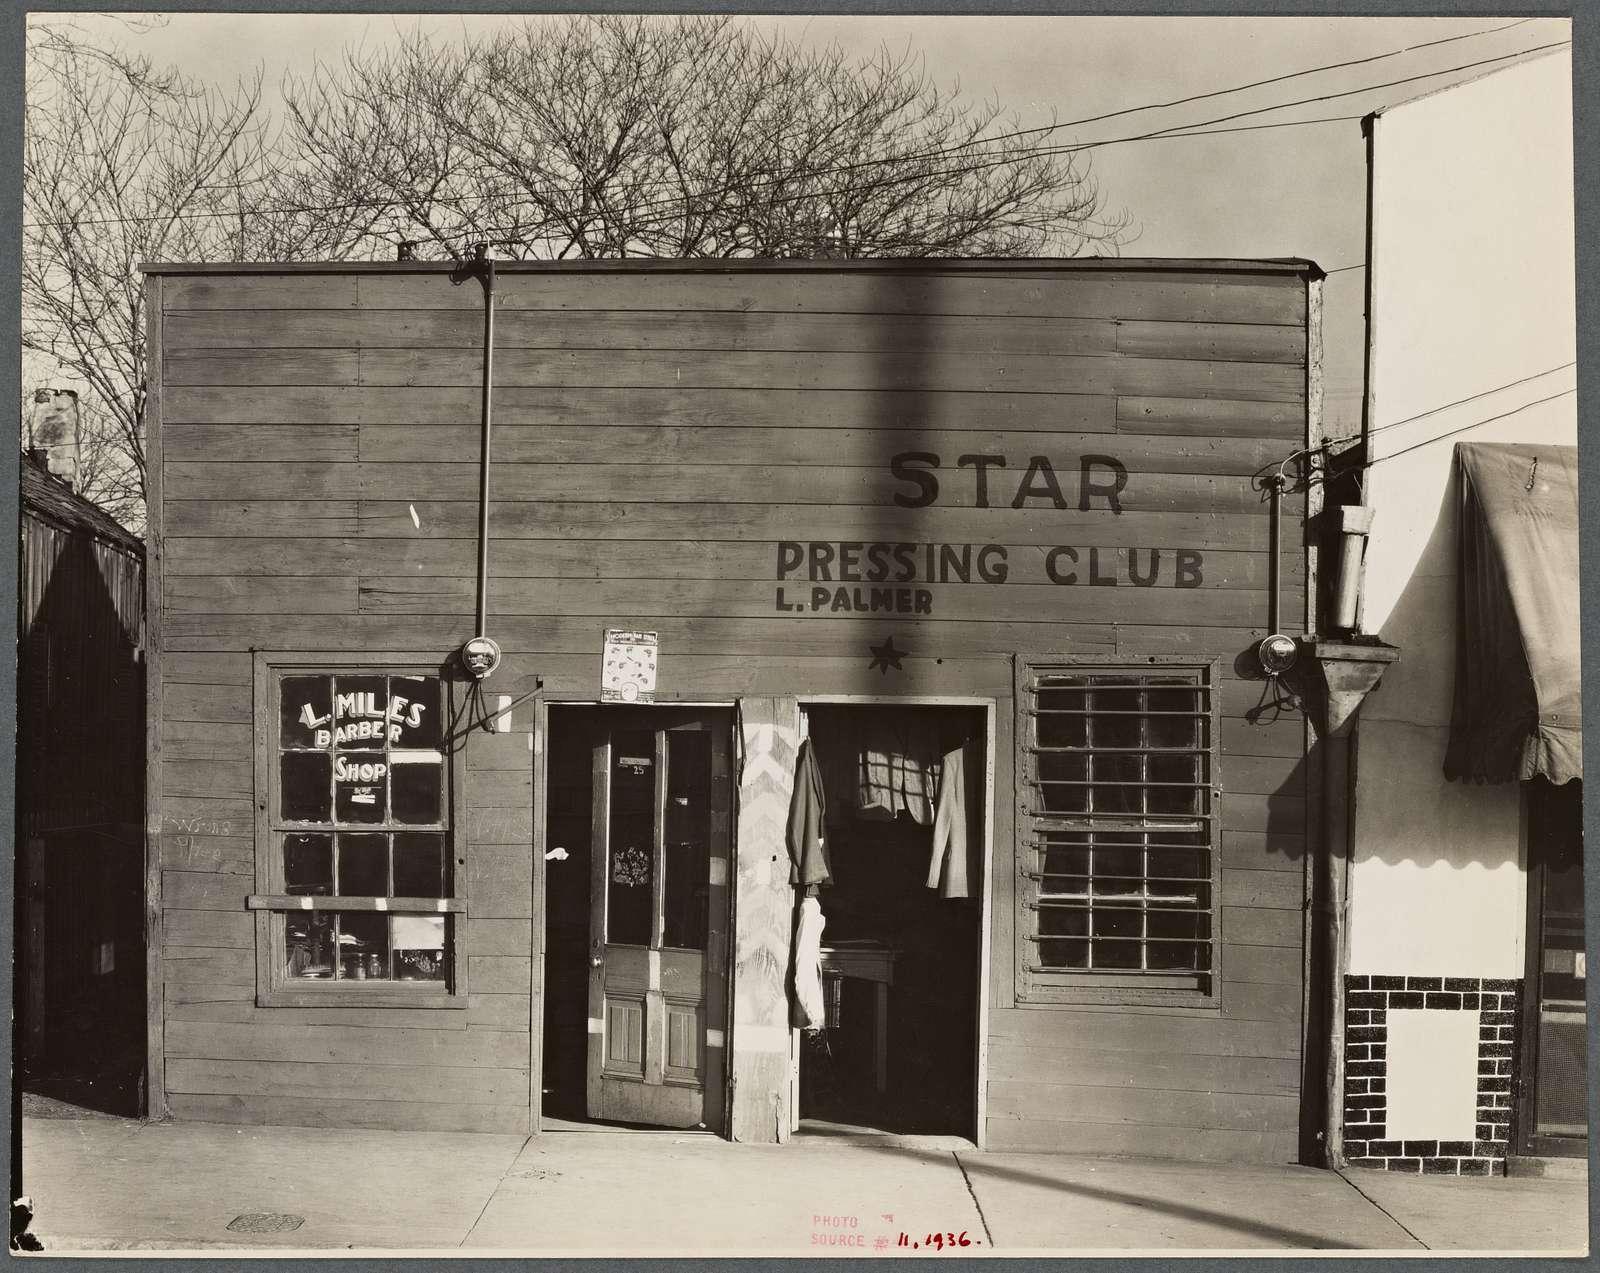 Shop fronts, laundry and barber shop. Vicksburg, Mississippi. Negro shop